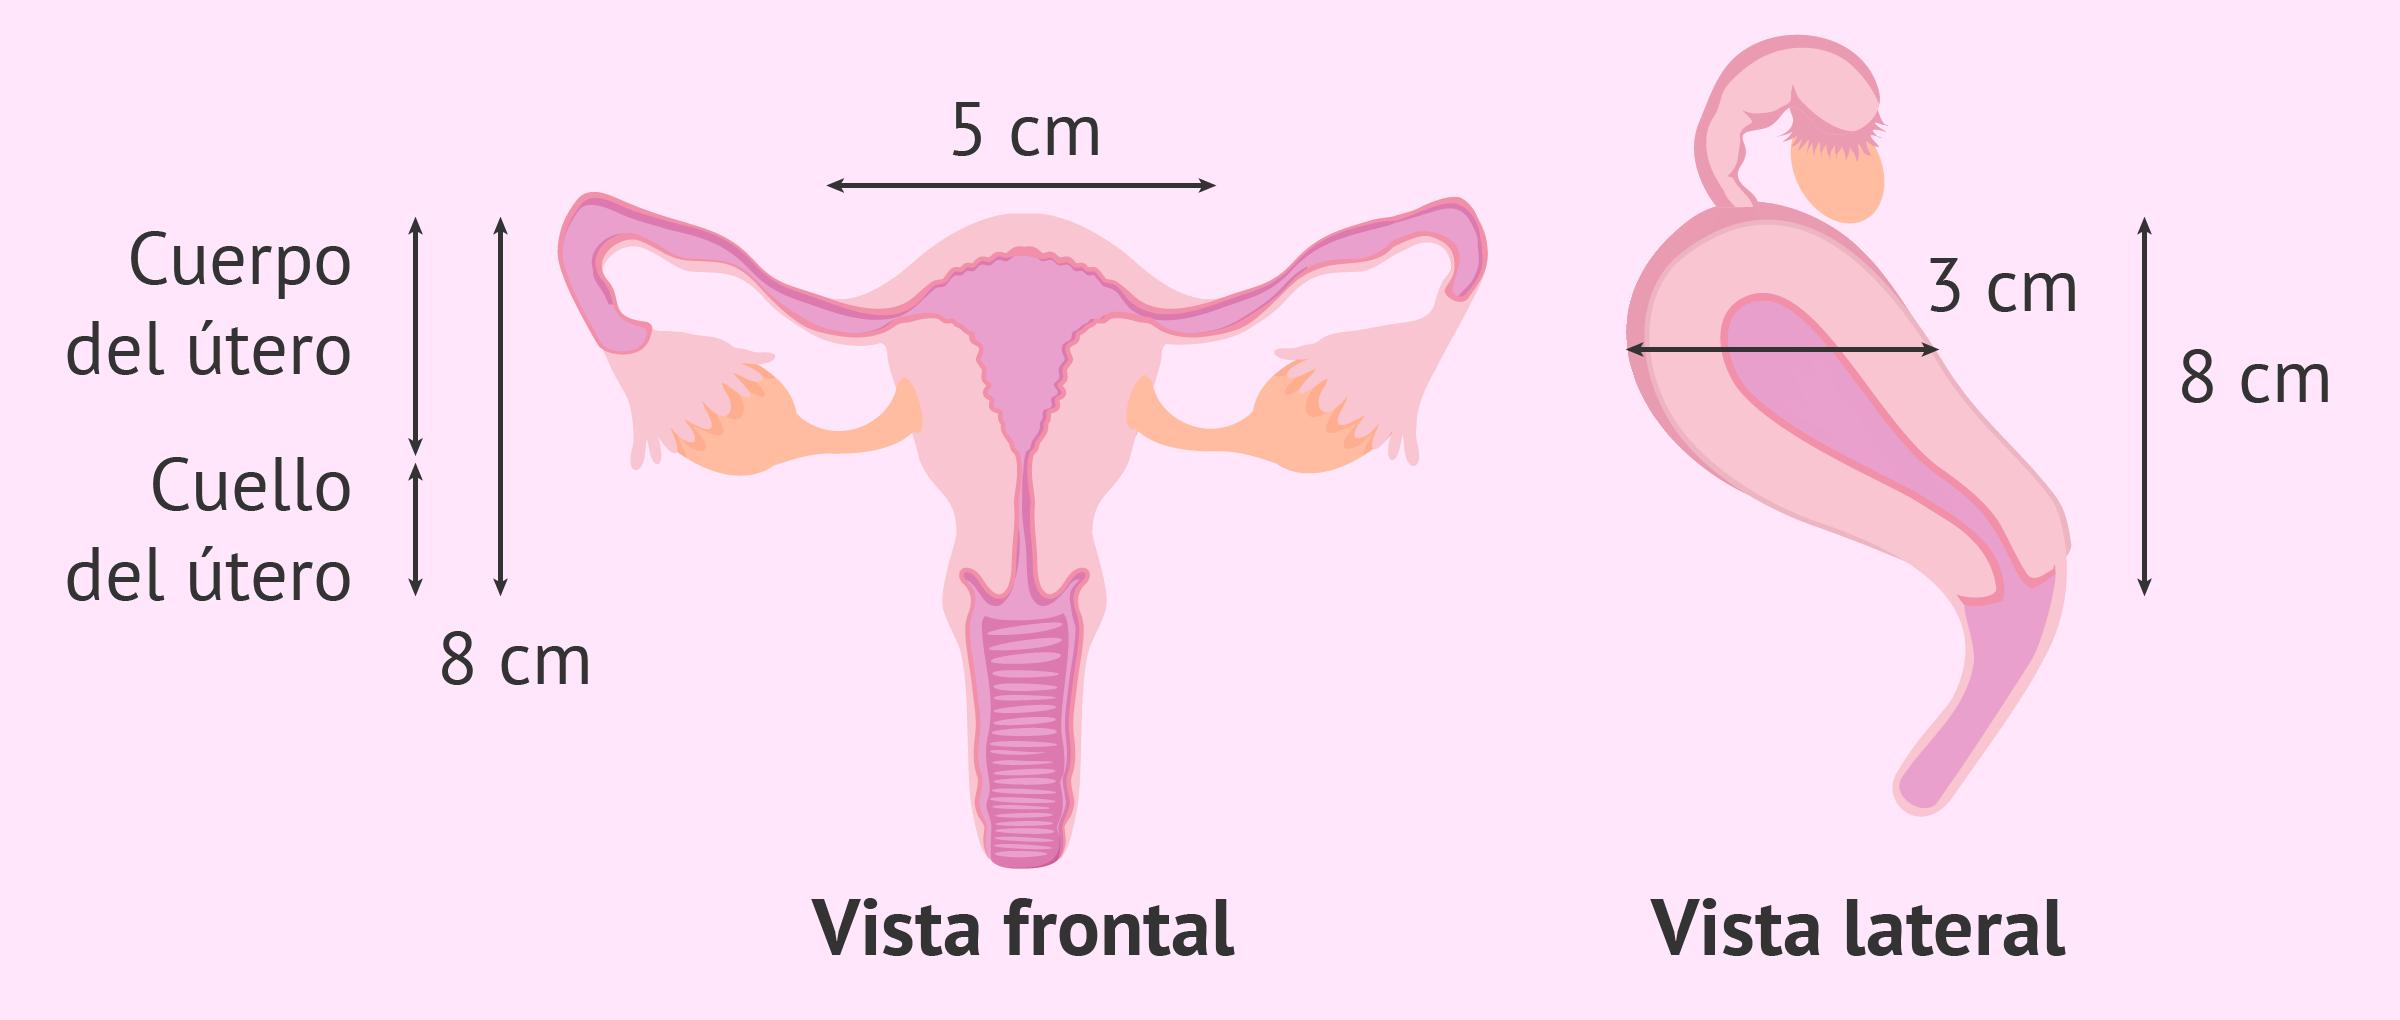 Medidas del útero normal